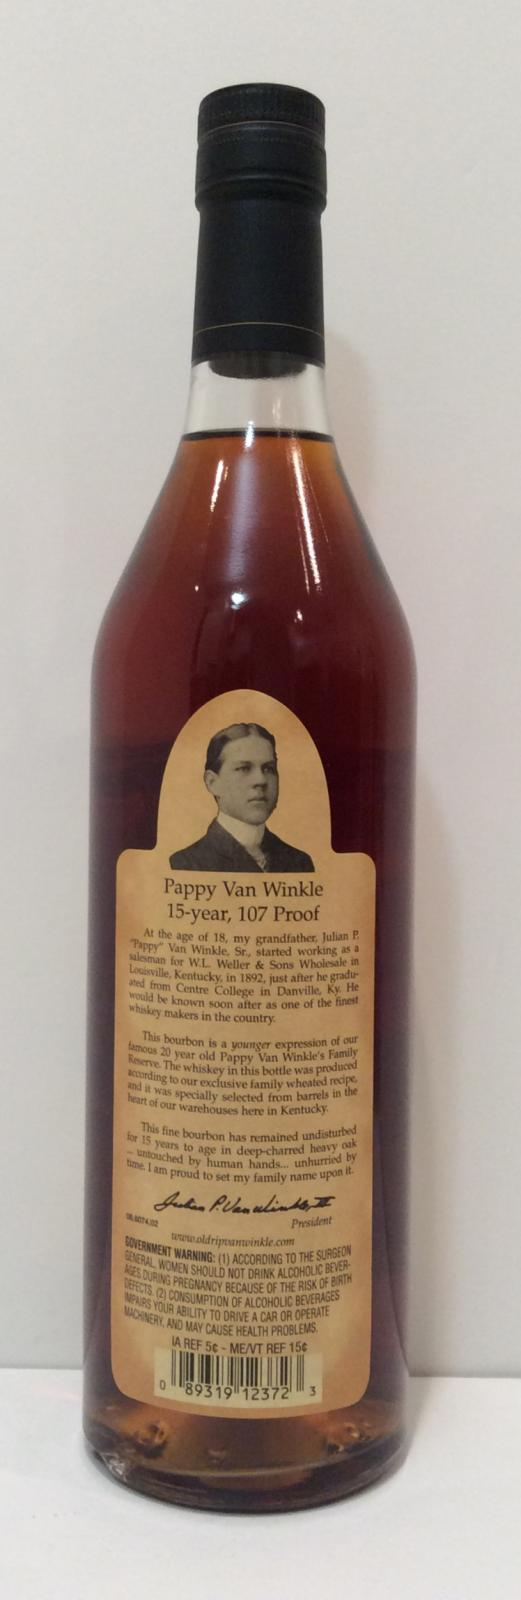 Pappy Van Winkle's 15-year-old